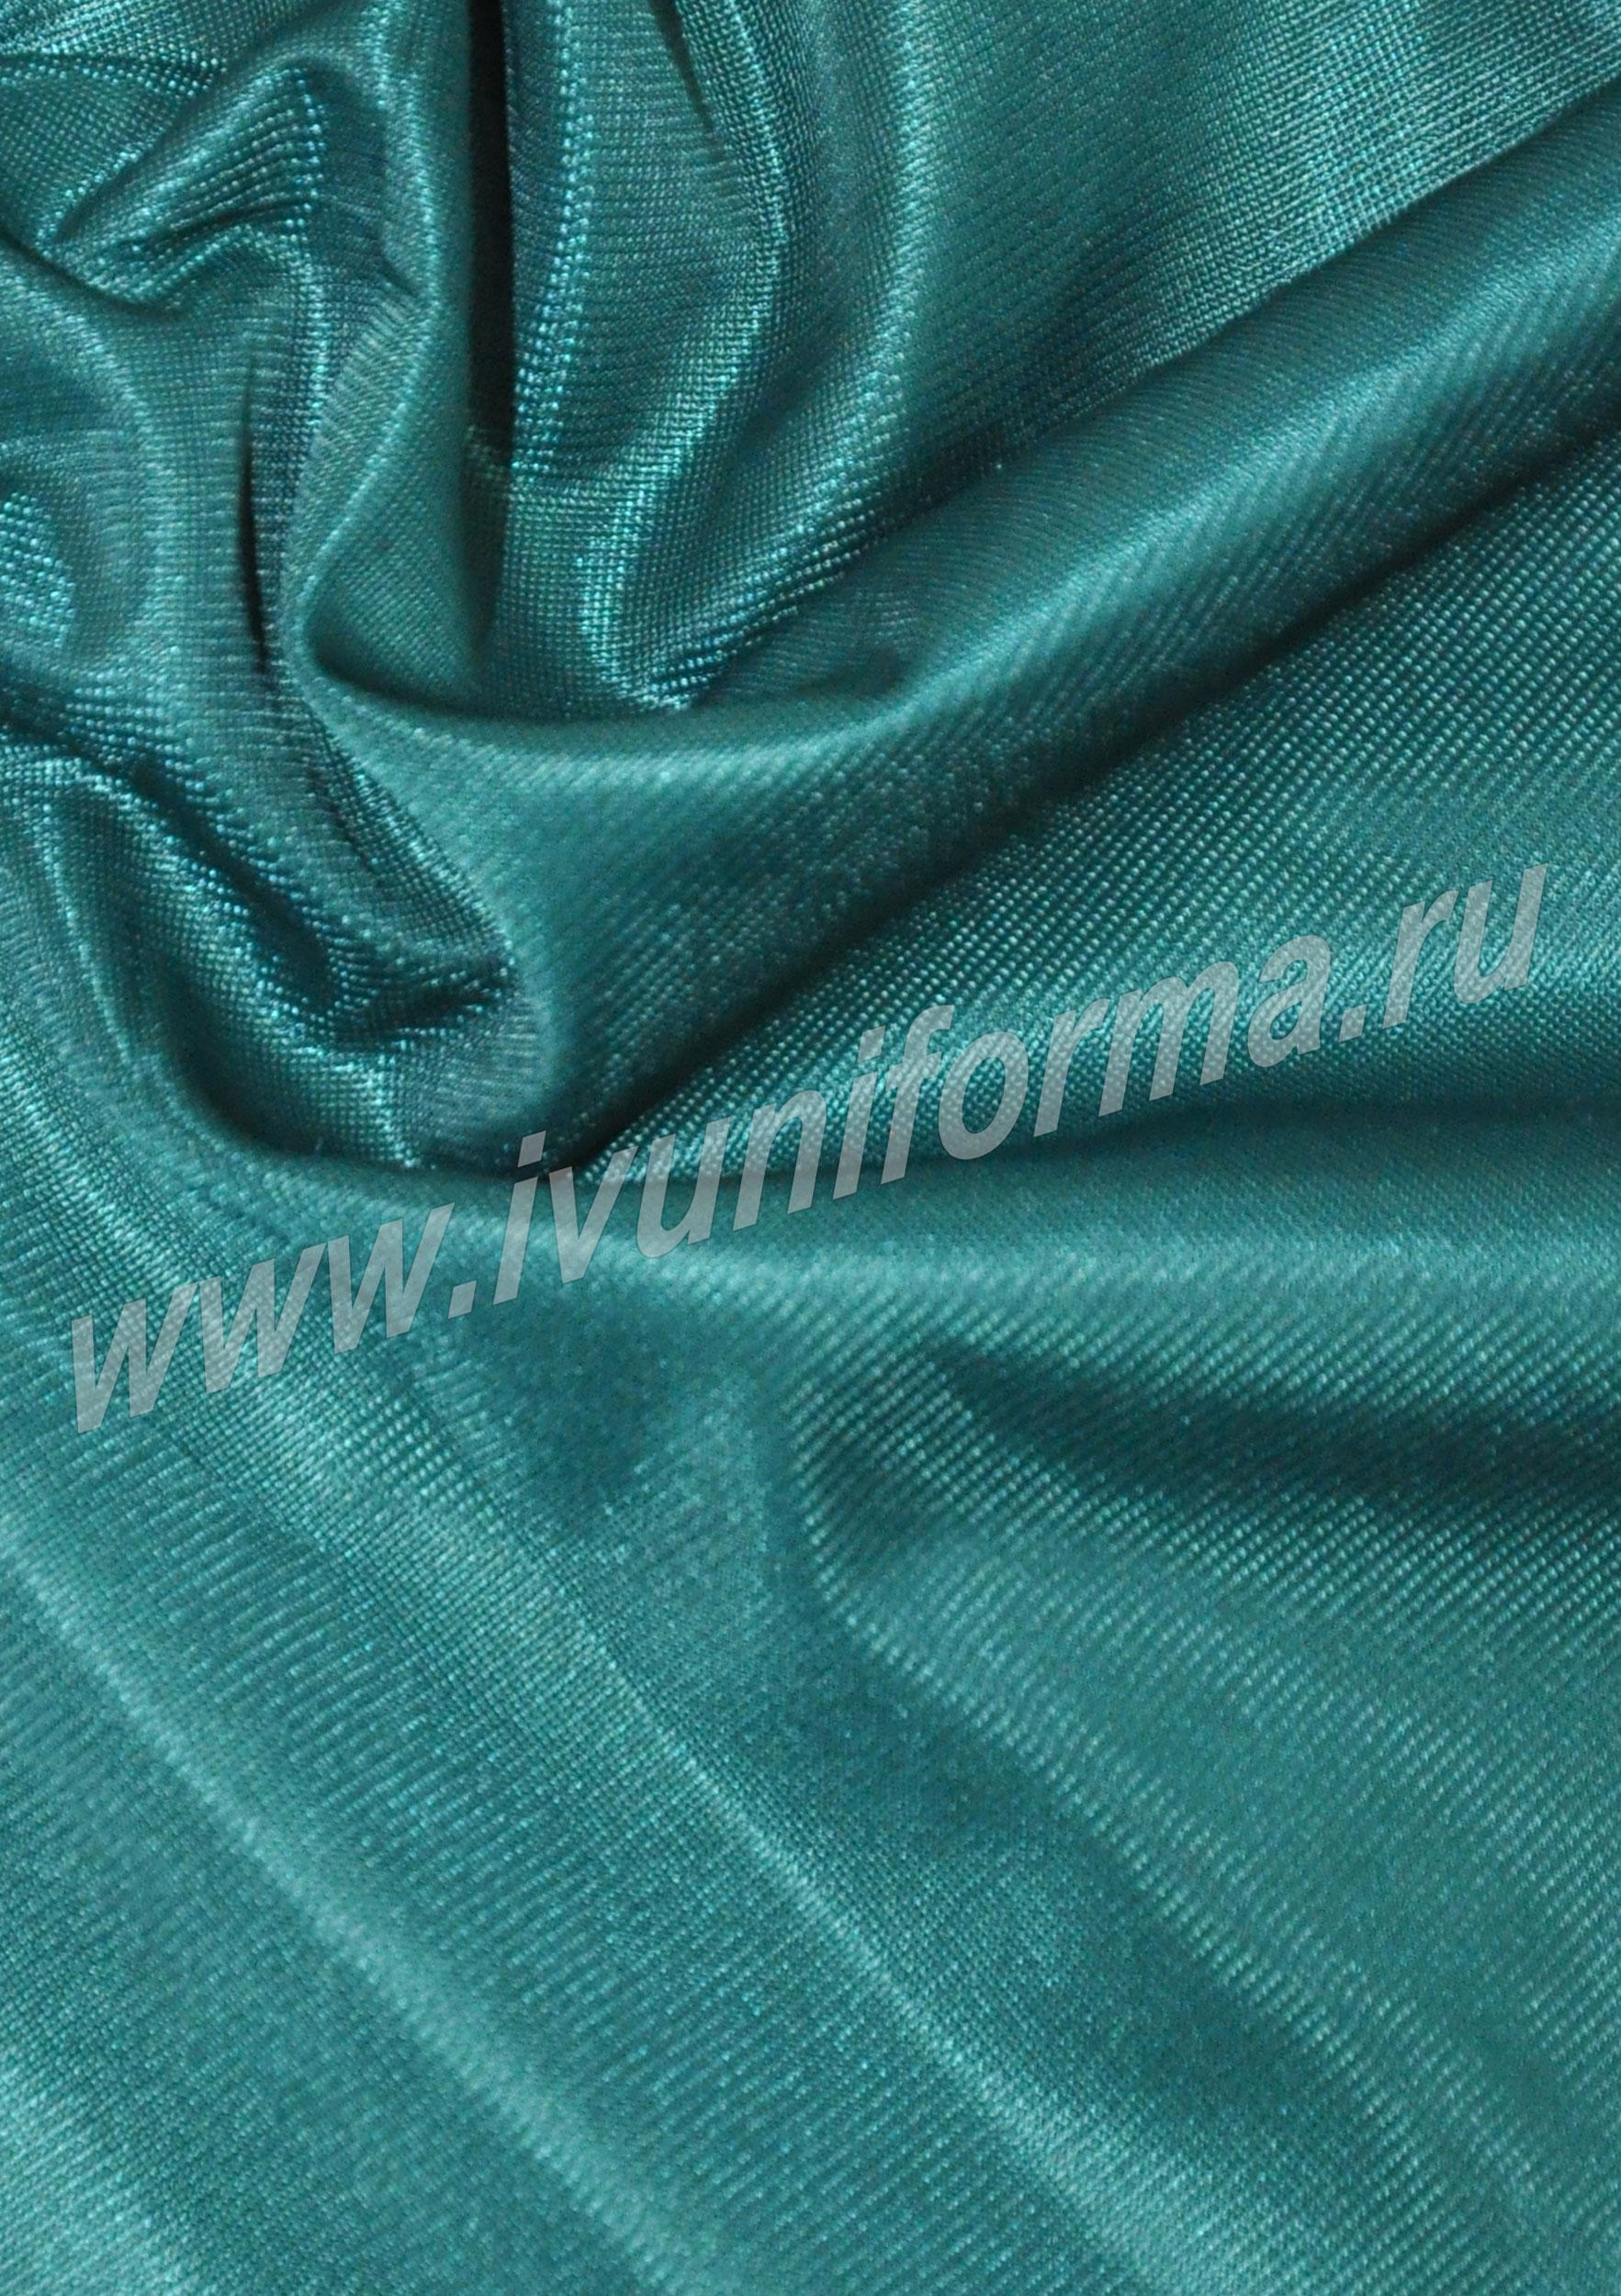 Купить ткань рулоном по оптовой цене в новосибирске где купить ткань подешевле в новосибирске